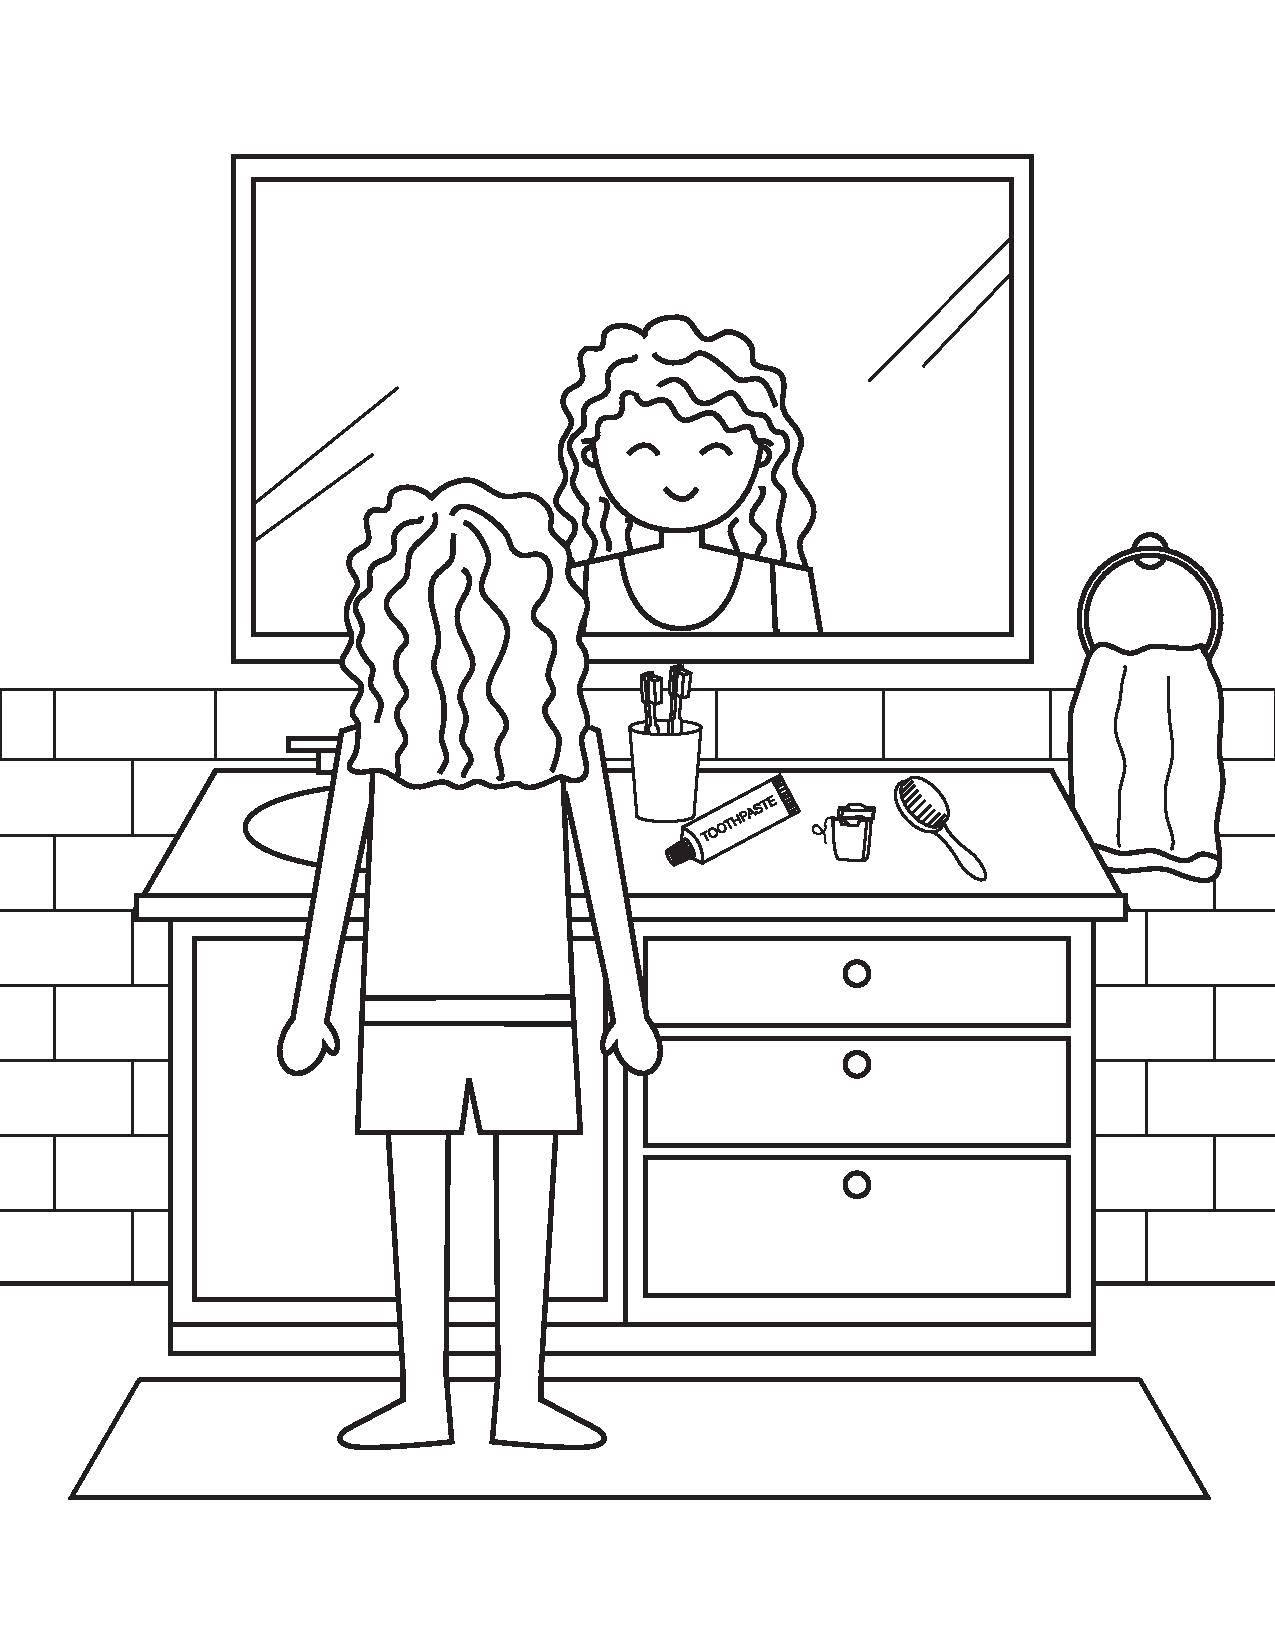 Раскраска Девочка в ванной комнате Скачать ванная комната, ванна, девушка.  Распечатать ,Ванная комната,